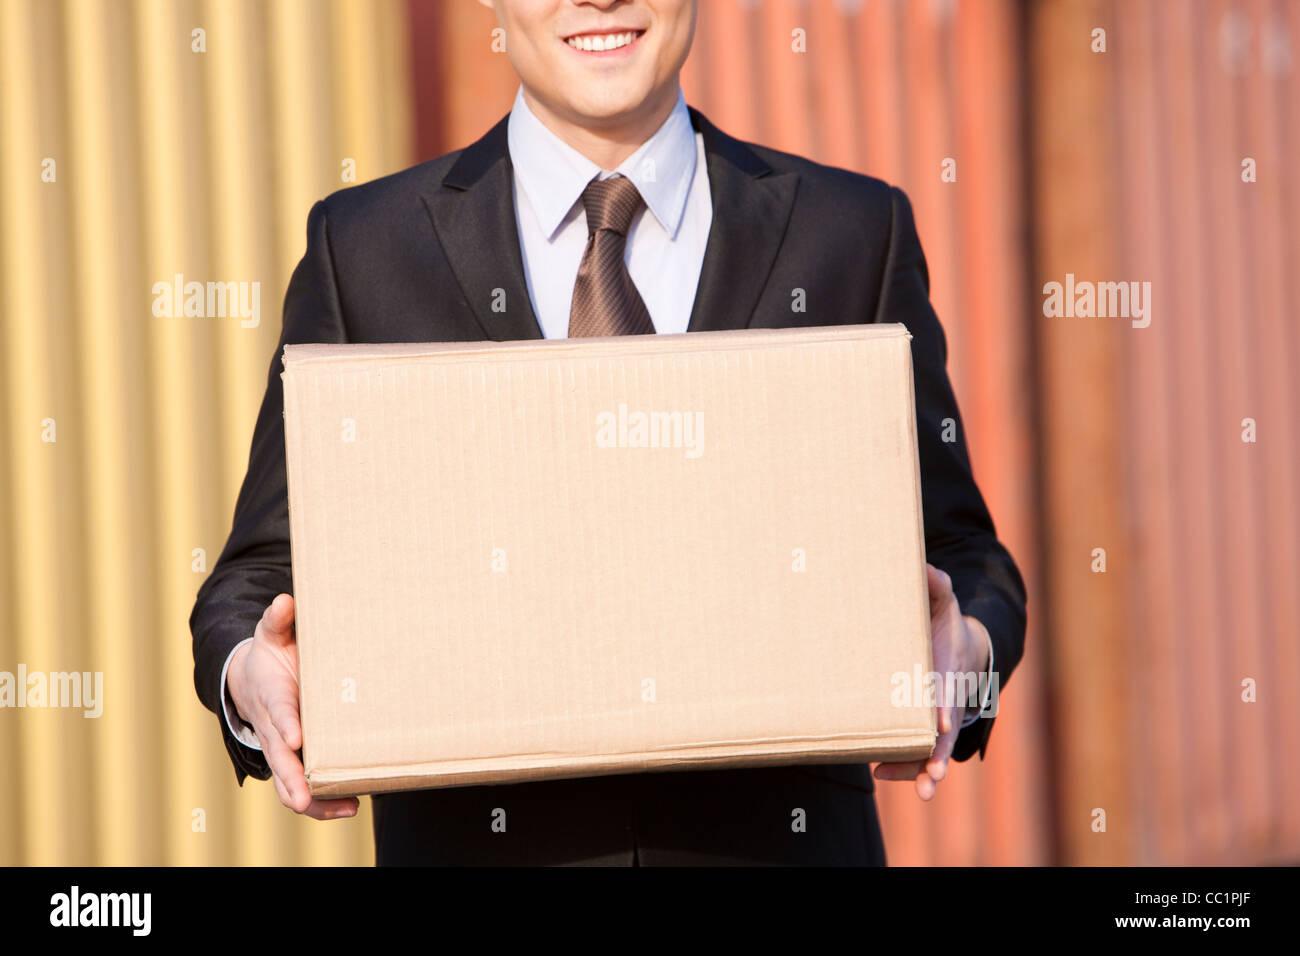 Businessman carrying une boîte en carton avec les conteneurs de fret à l'arrière-plan Photo Stock